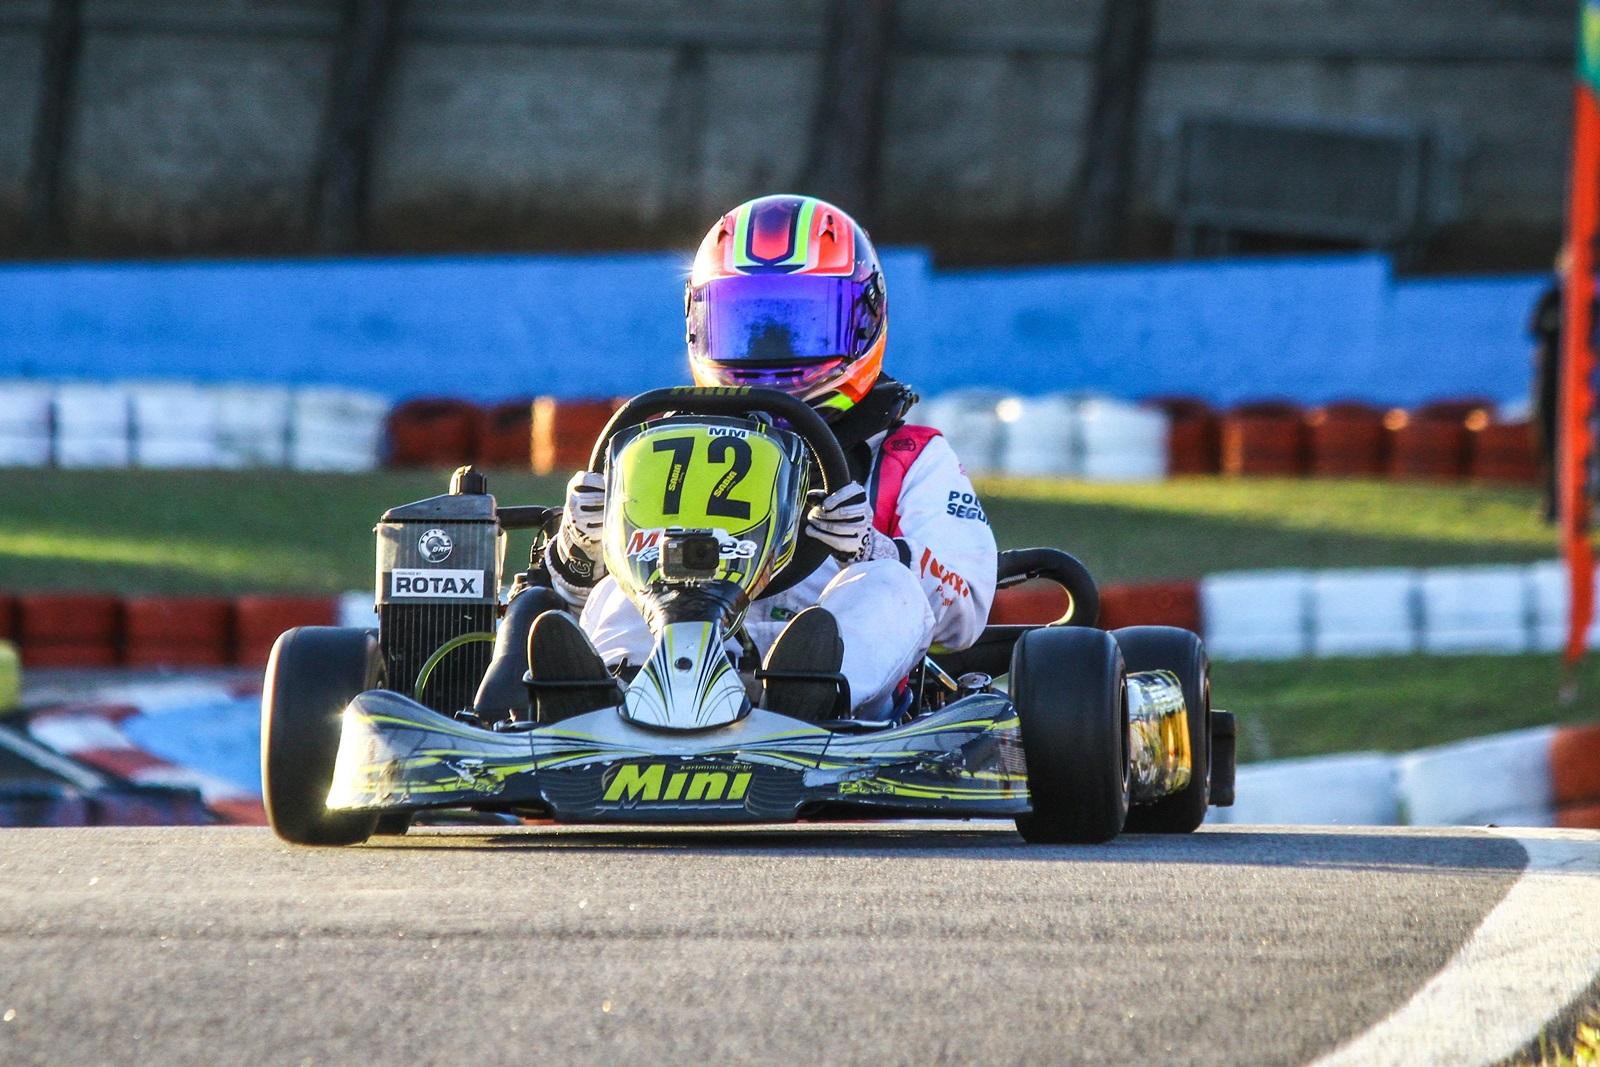 Photo of Kart – Pole position e destaque na final da Copa Rotax, Antonella Bassani visa Campeonato Brasileiro